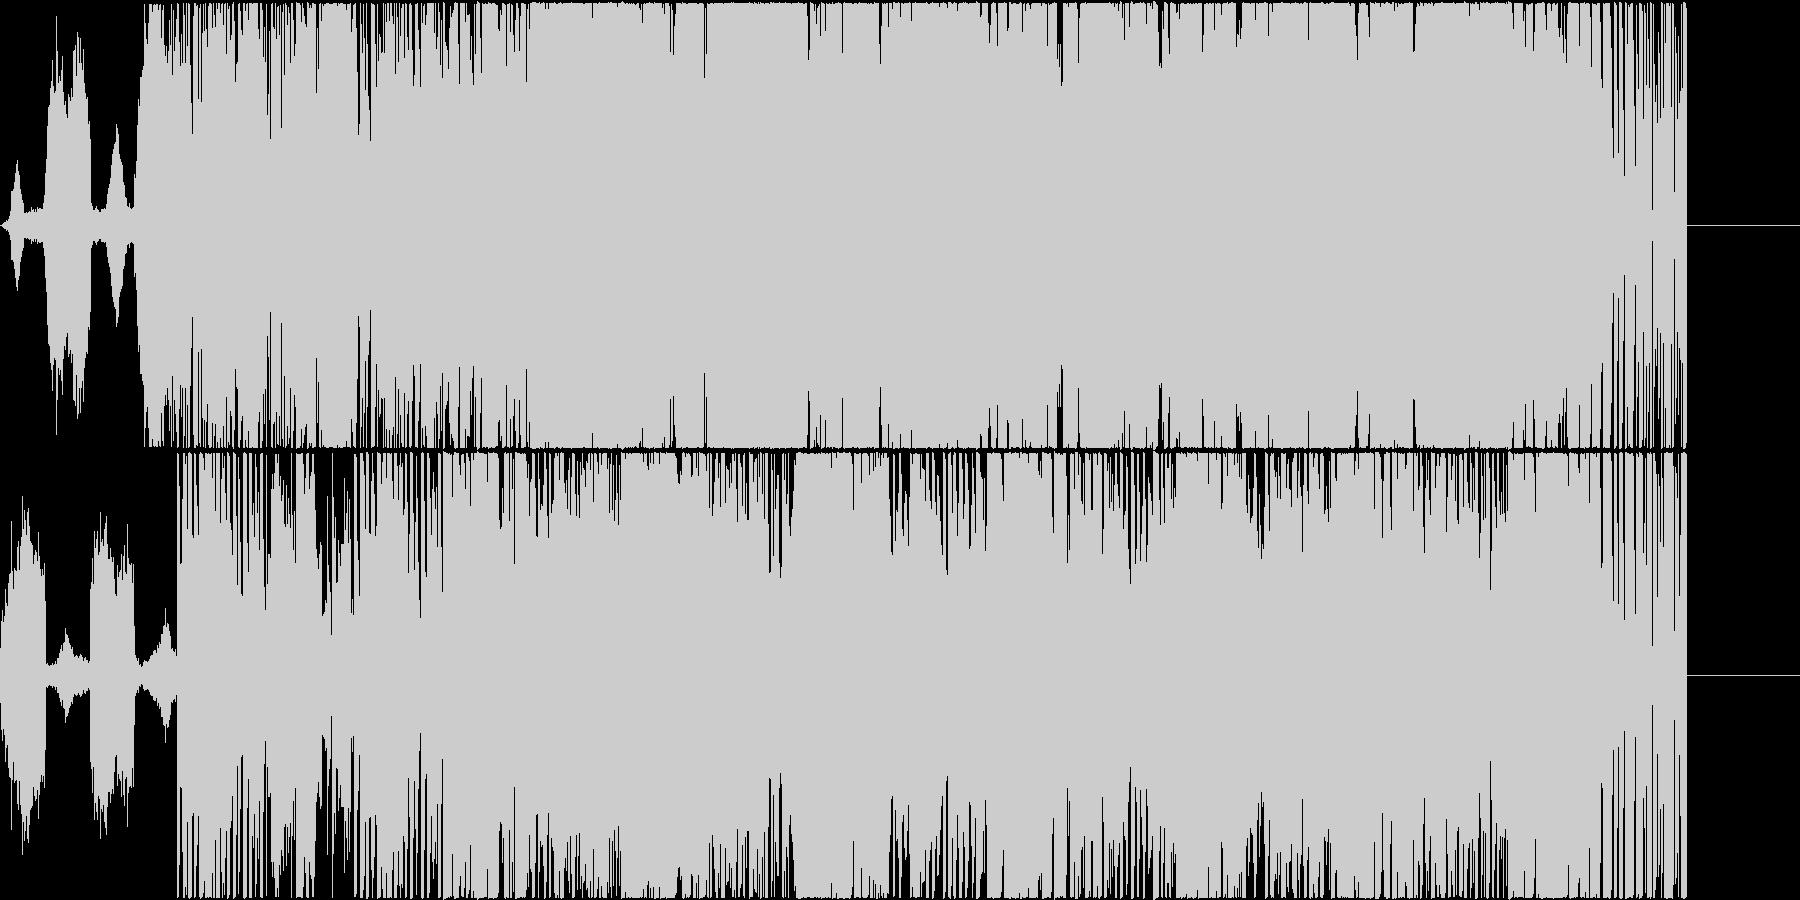 着信音から始まるホラー系BGMの未再生の波形